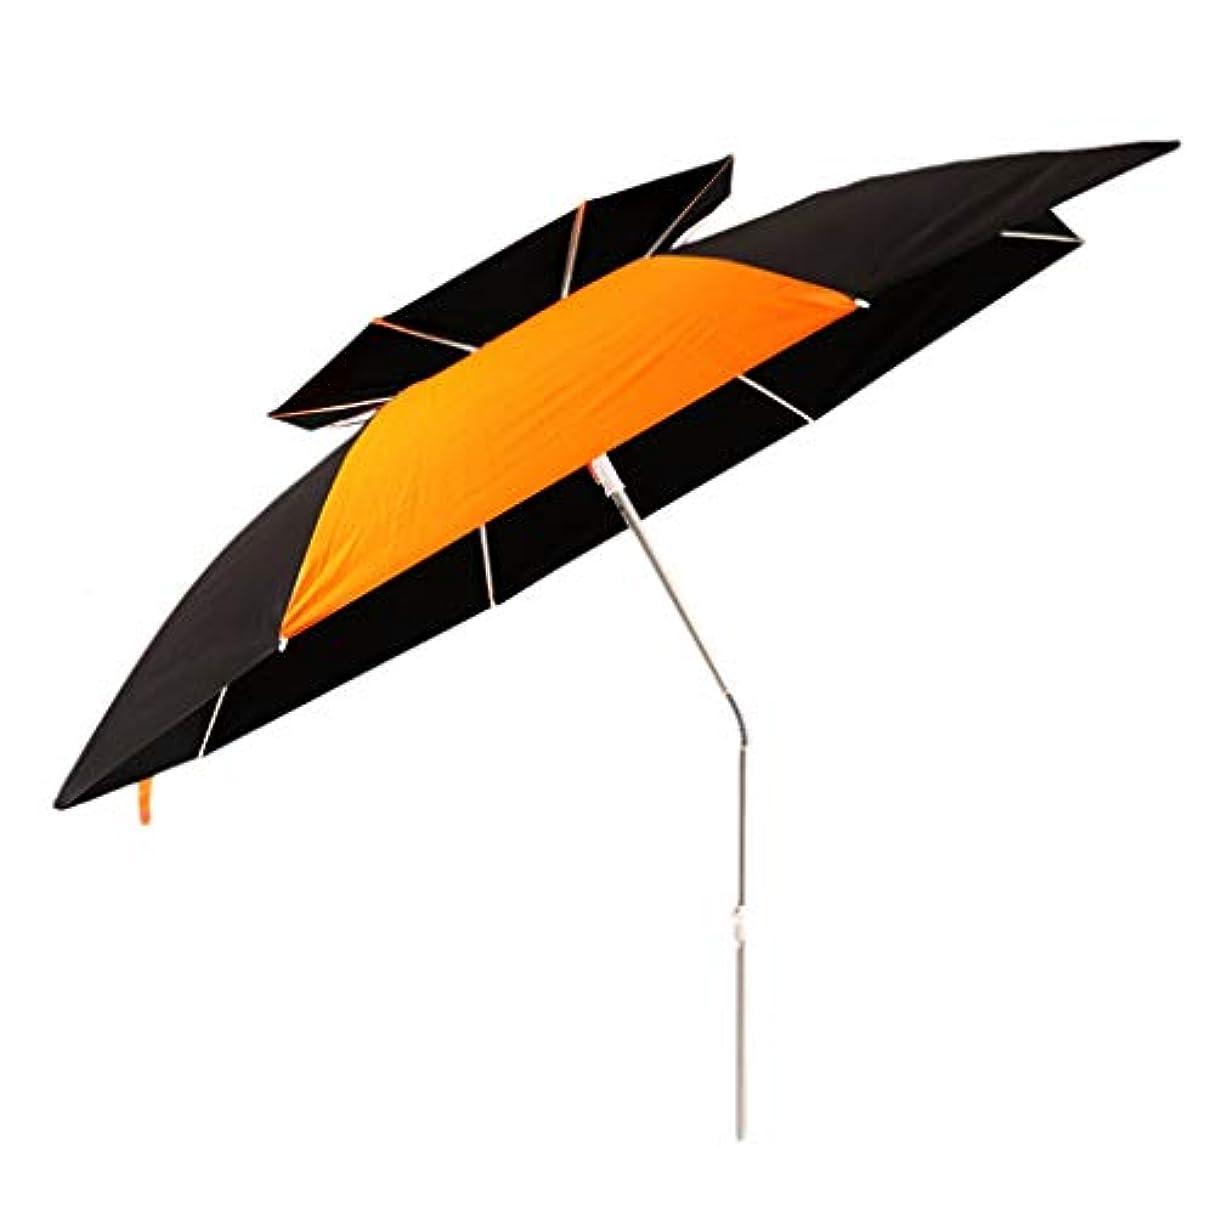 能力リーク小さな太陽傘アルミ合金オックスフォード回転日焼け止め雨折りたたみ傘屋外サンシェード傘 (サイズ さいず : Diameter1.8m)